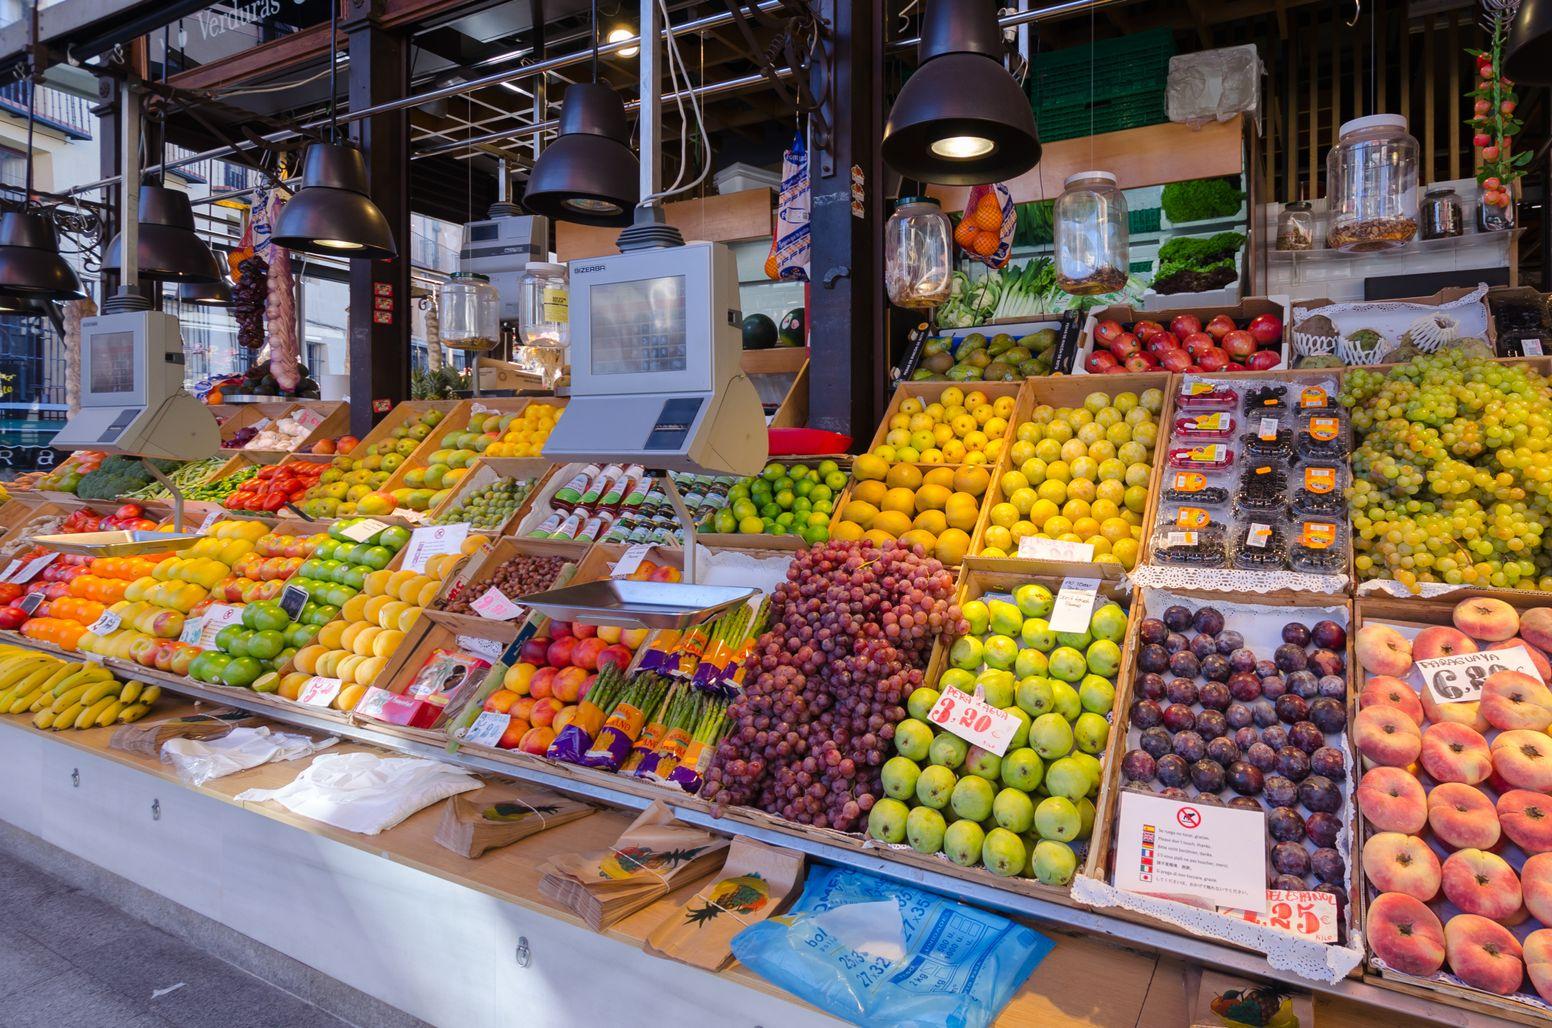 Η πανέμορφη αγορά τροφίμων Μercado de San Miguel, στην πλατεία San Miguel της Μαδρίτης